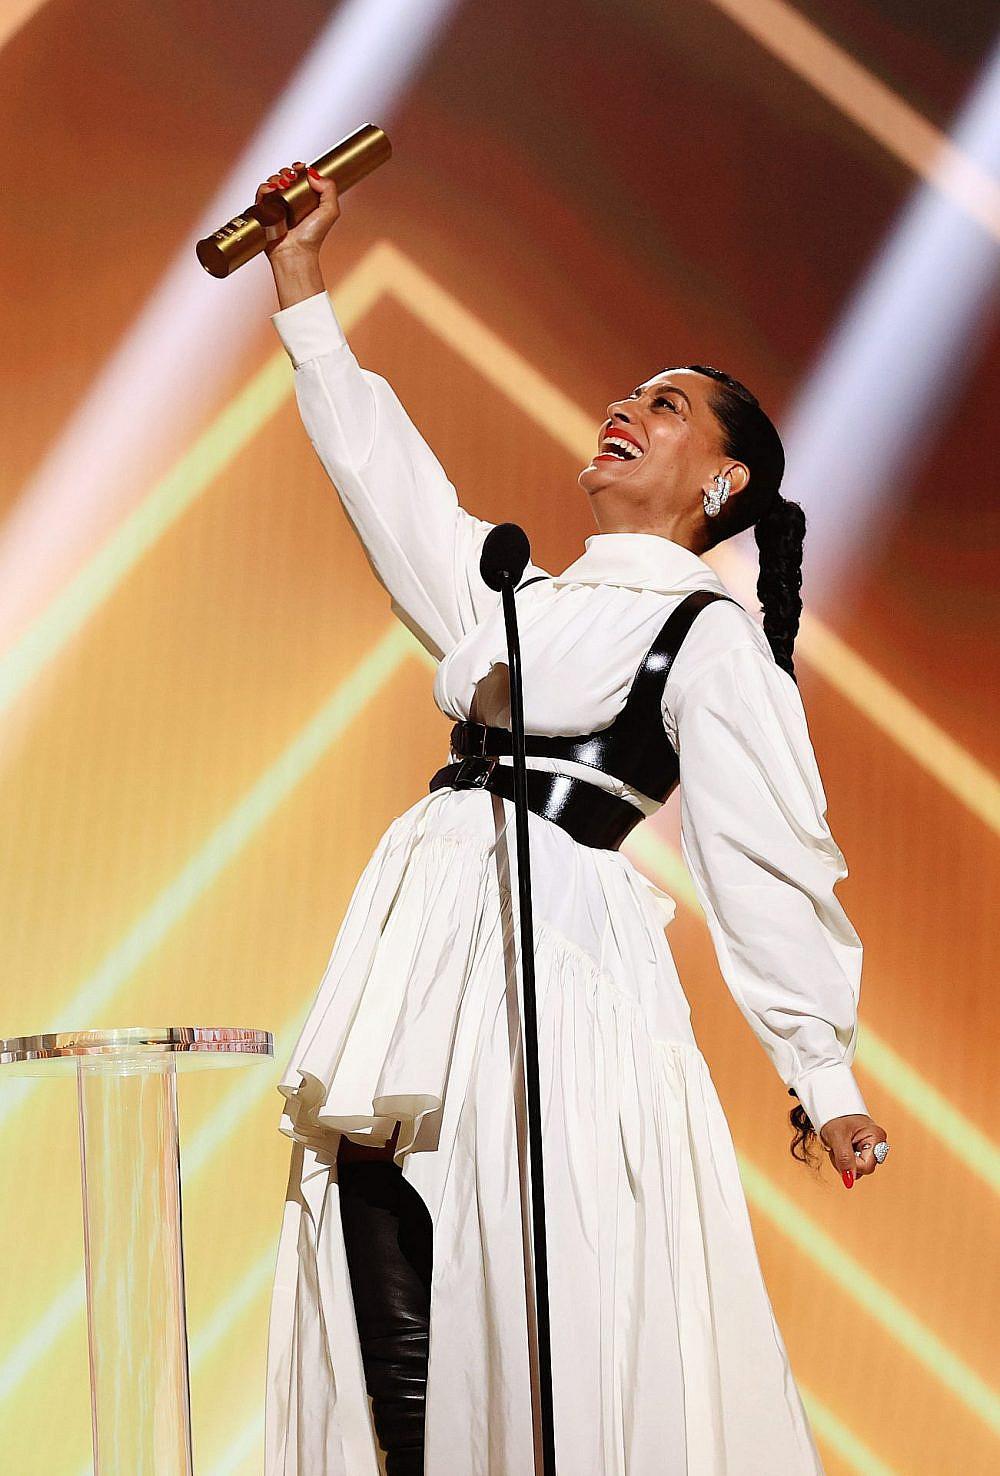 טרייסי אליס רוס בטקס נבחרי הקהל | צילום: באדיבות ערוץ !E